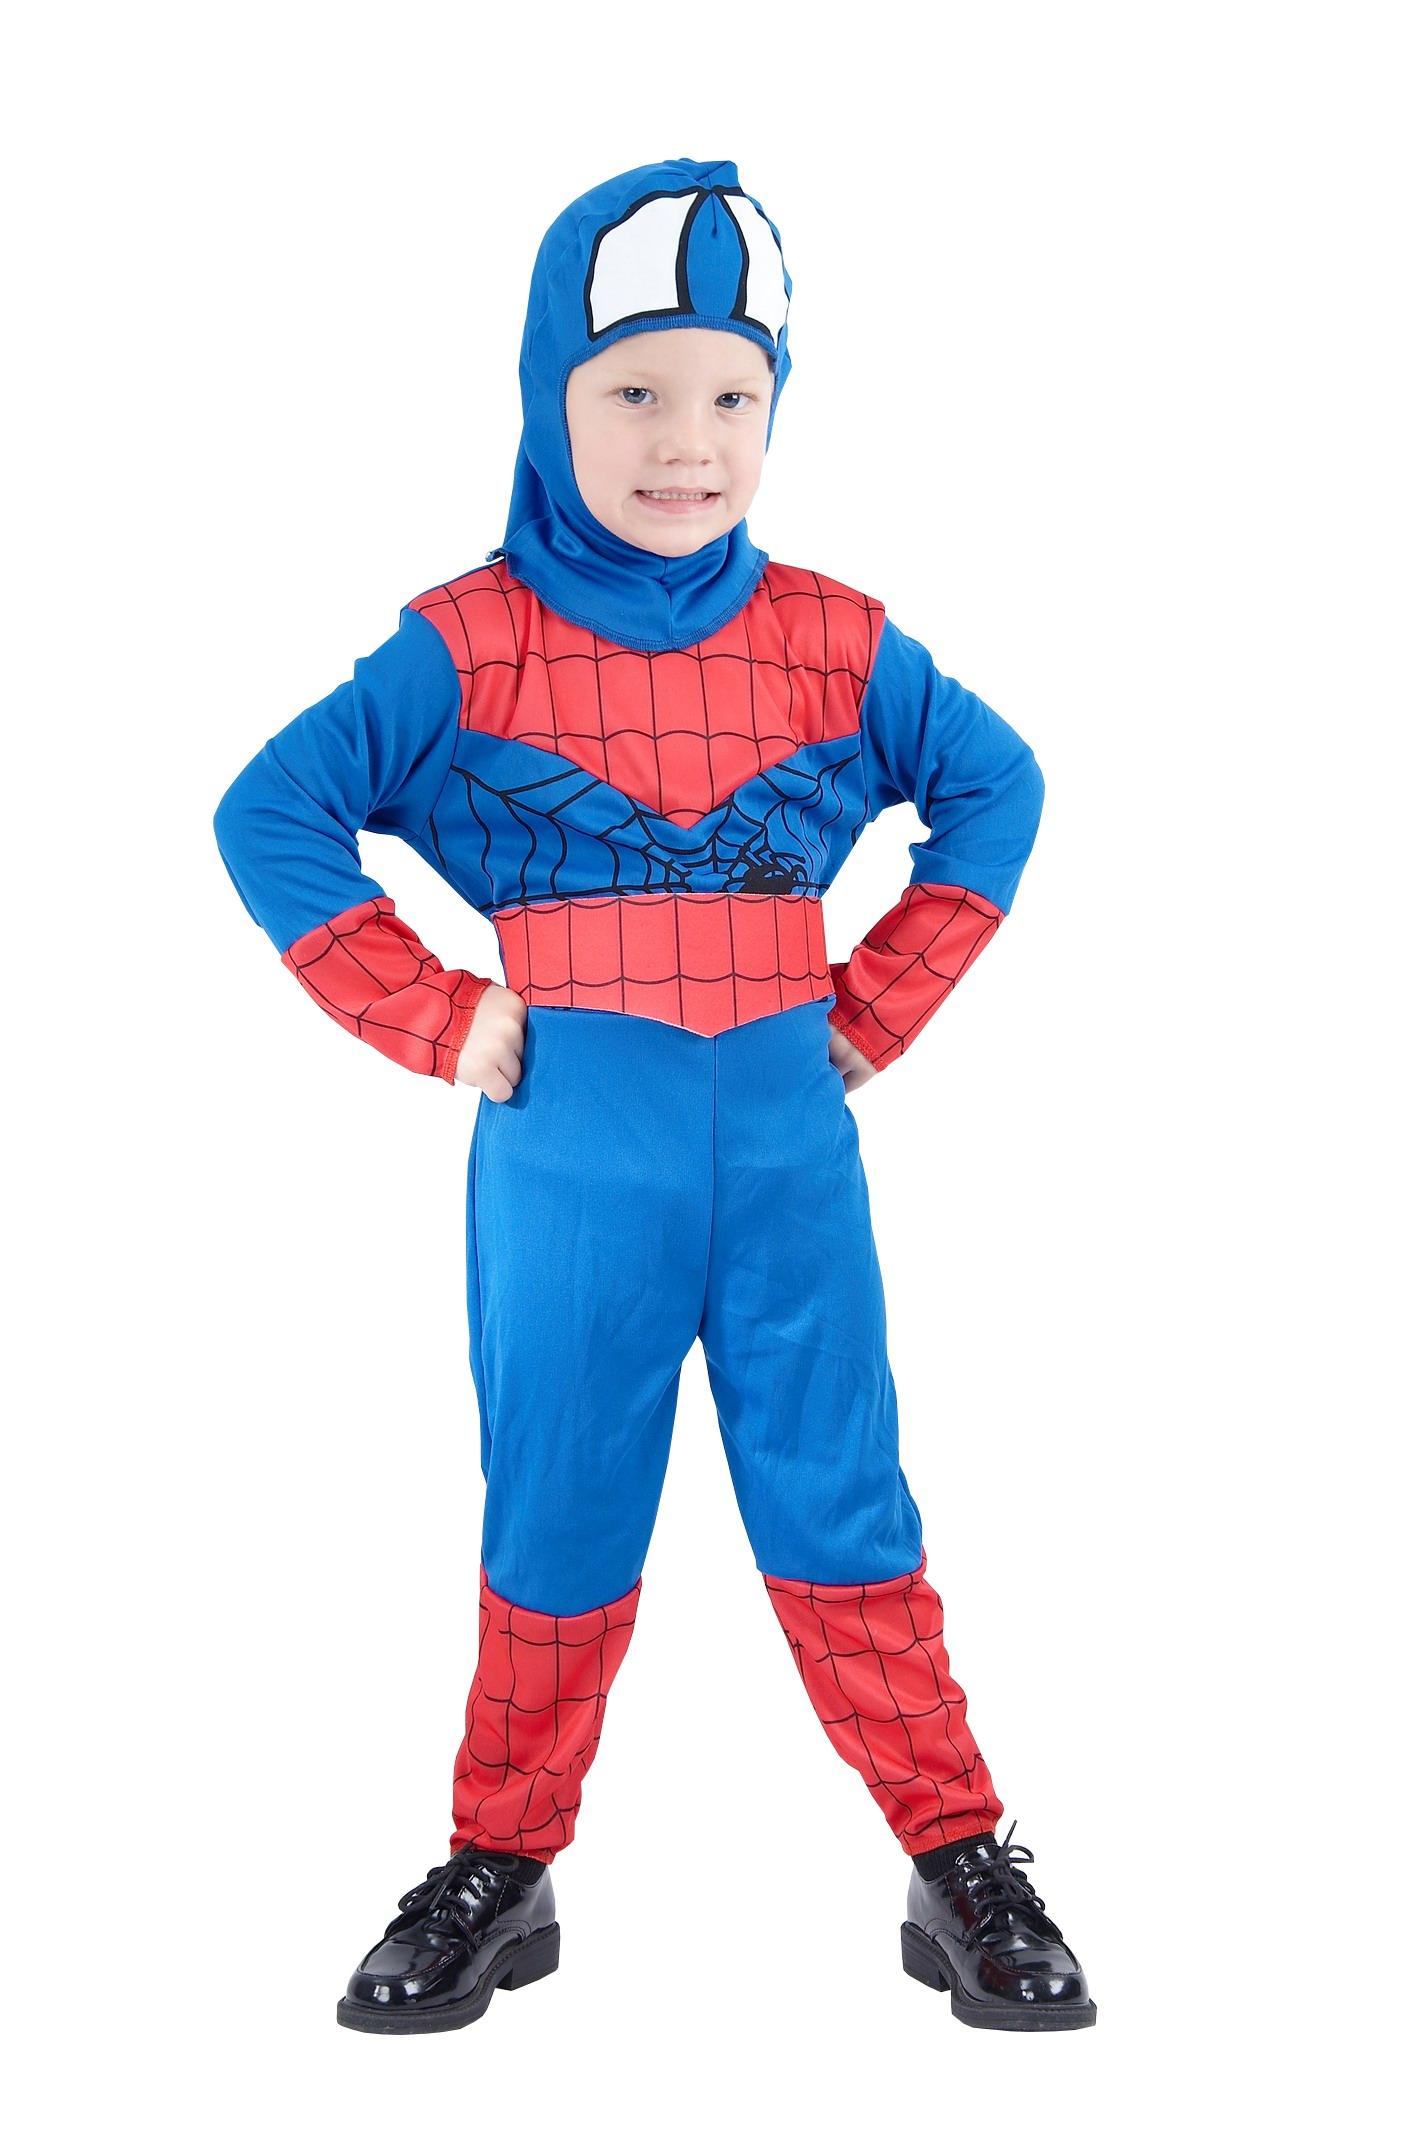 0ae87f78dc52 Karnevalový kostým Spiderman 130 - 140cm 40K008534